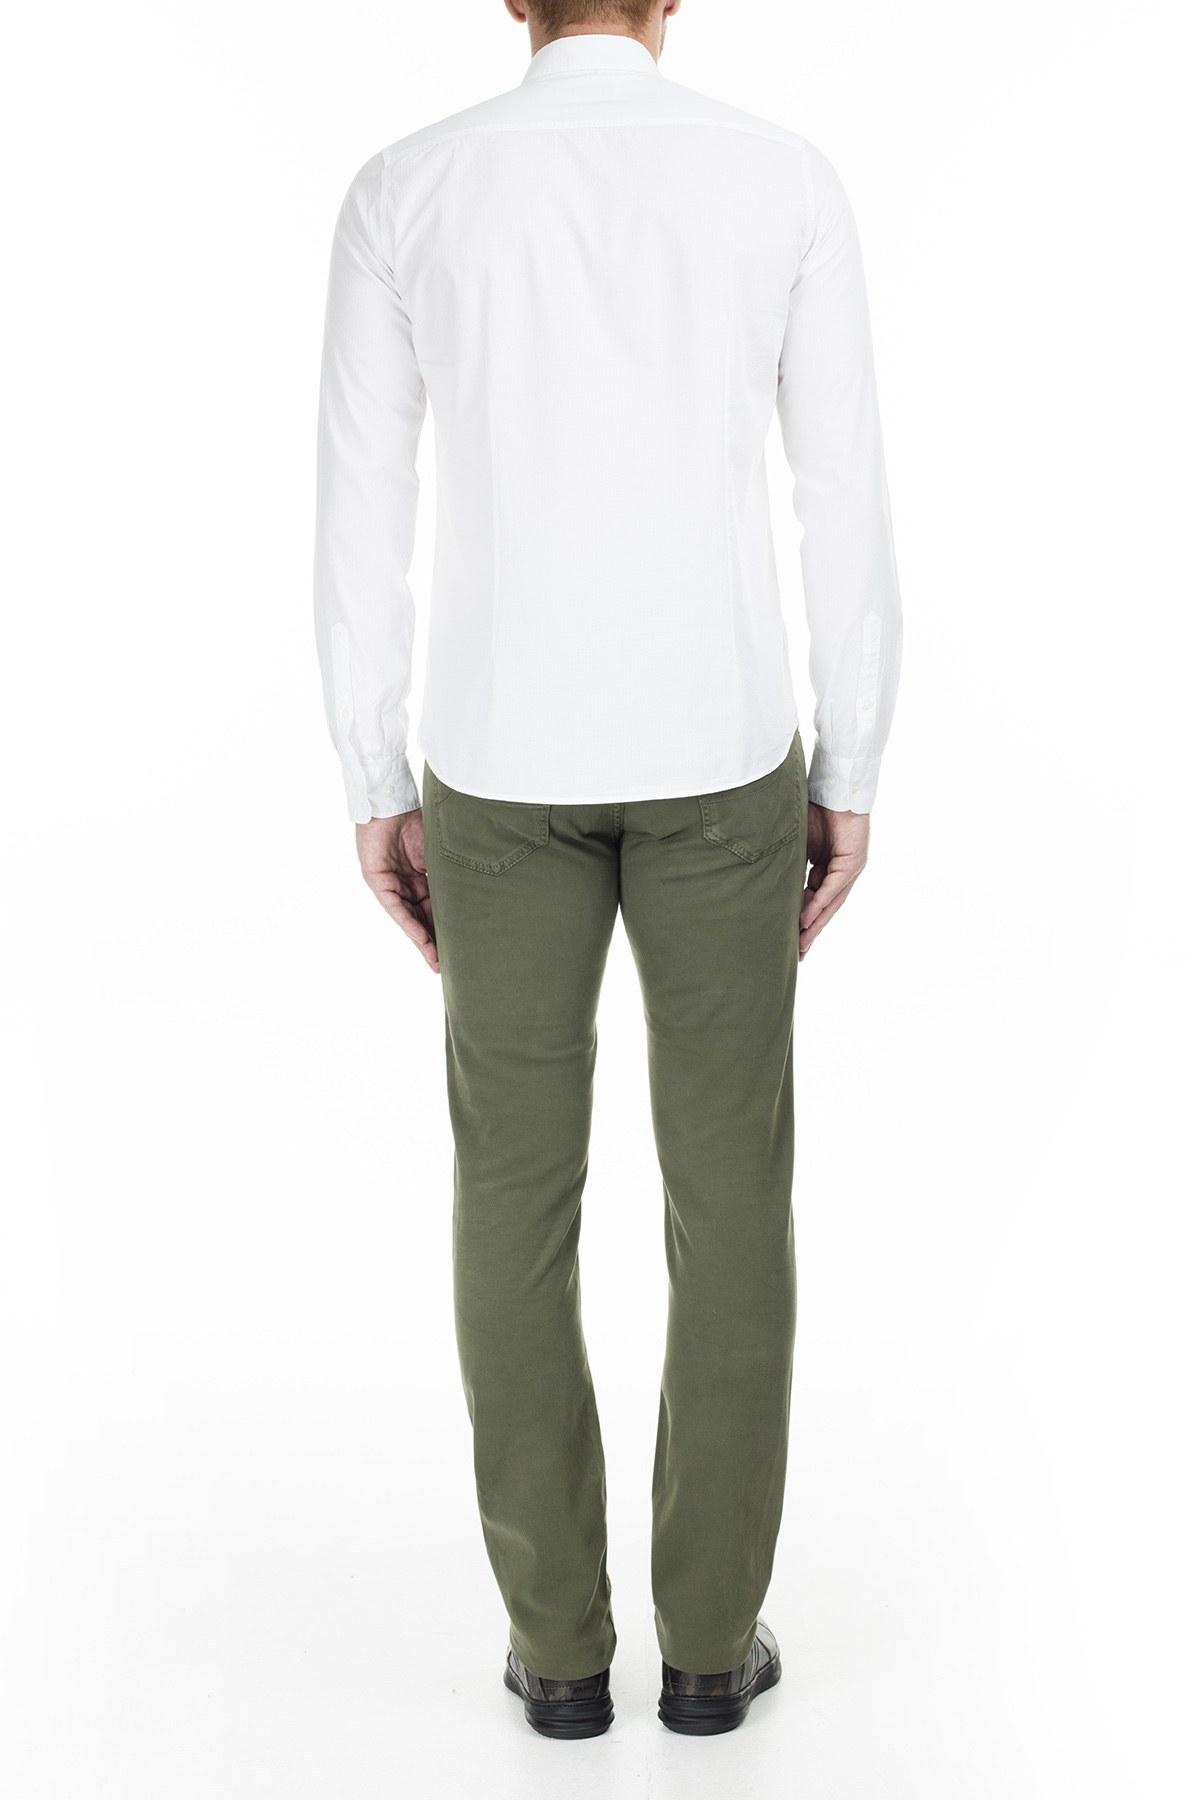 Jacob Cohen Jeans Erkek Pamuklu Pantolon J622 01651S 724 YEŞİL